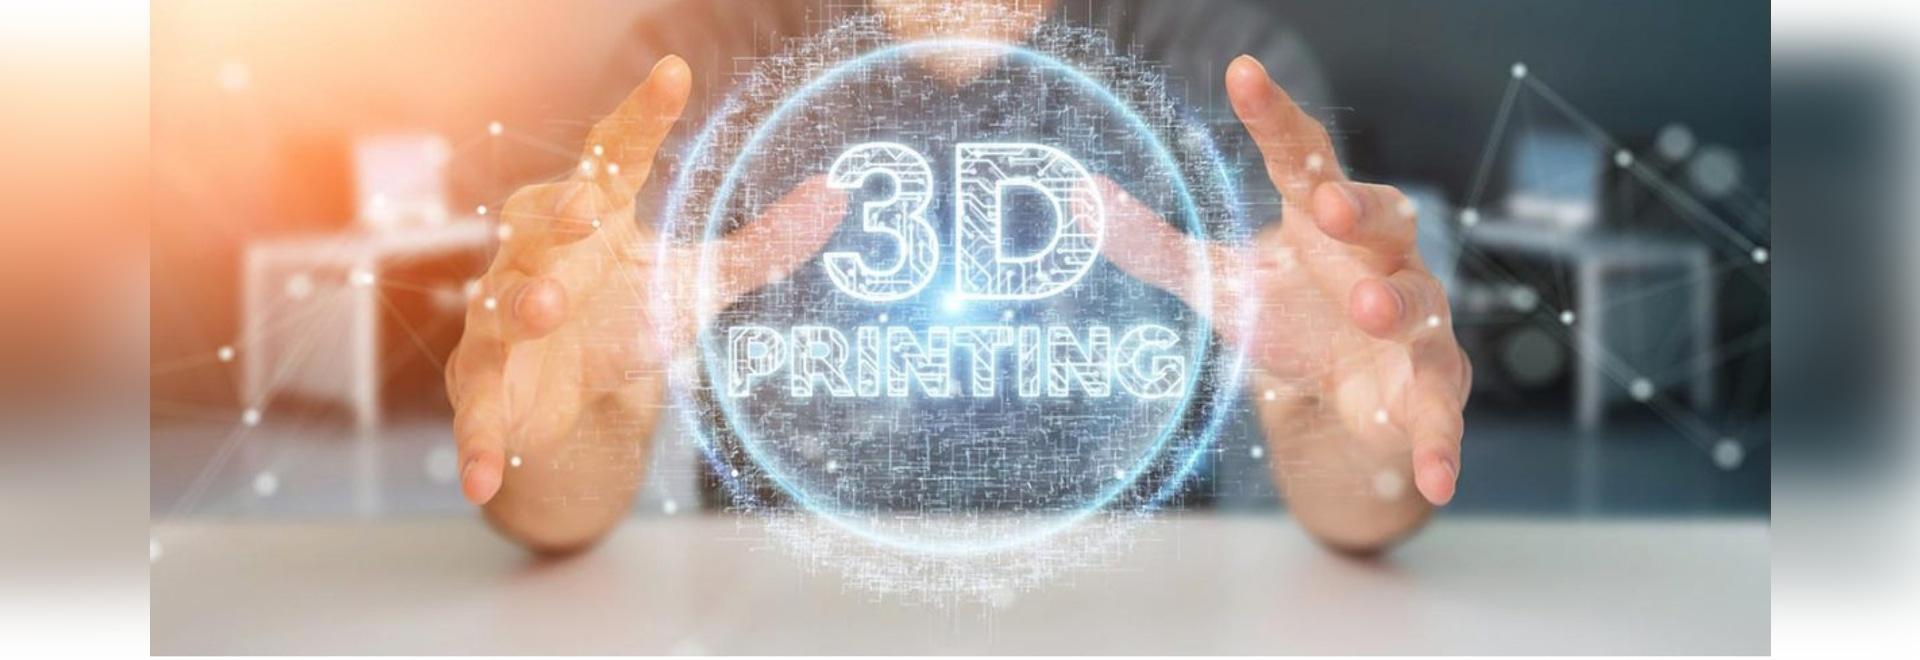 Der Gesamtwert von 3D-gedruckten Teilen stieg laut neuem Bericht 2019 um 300%